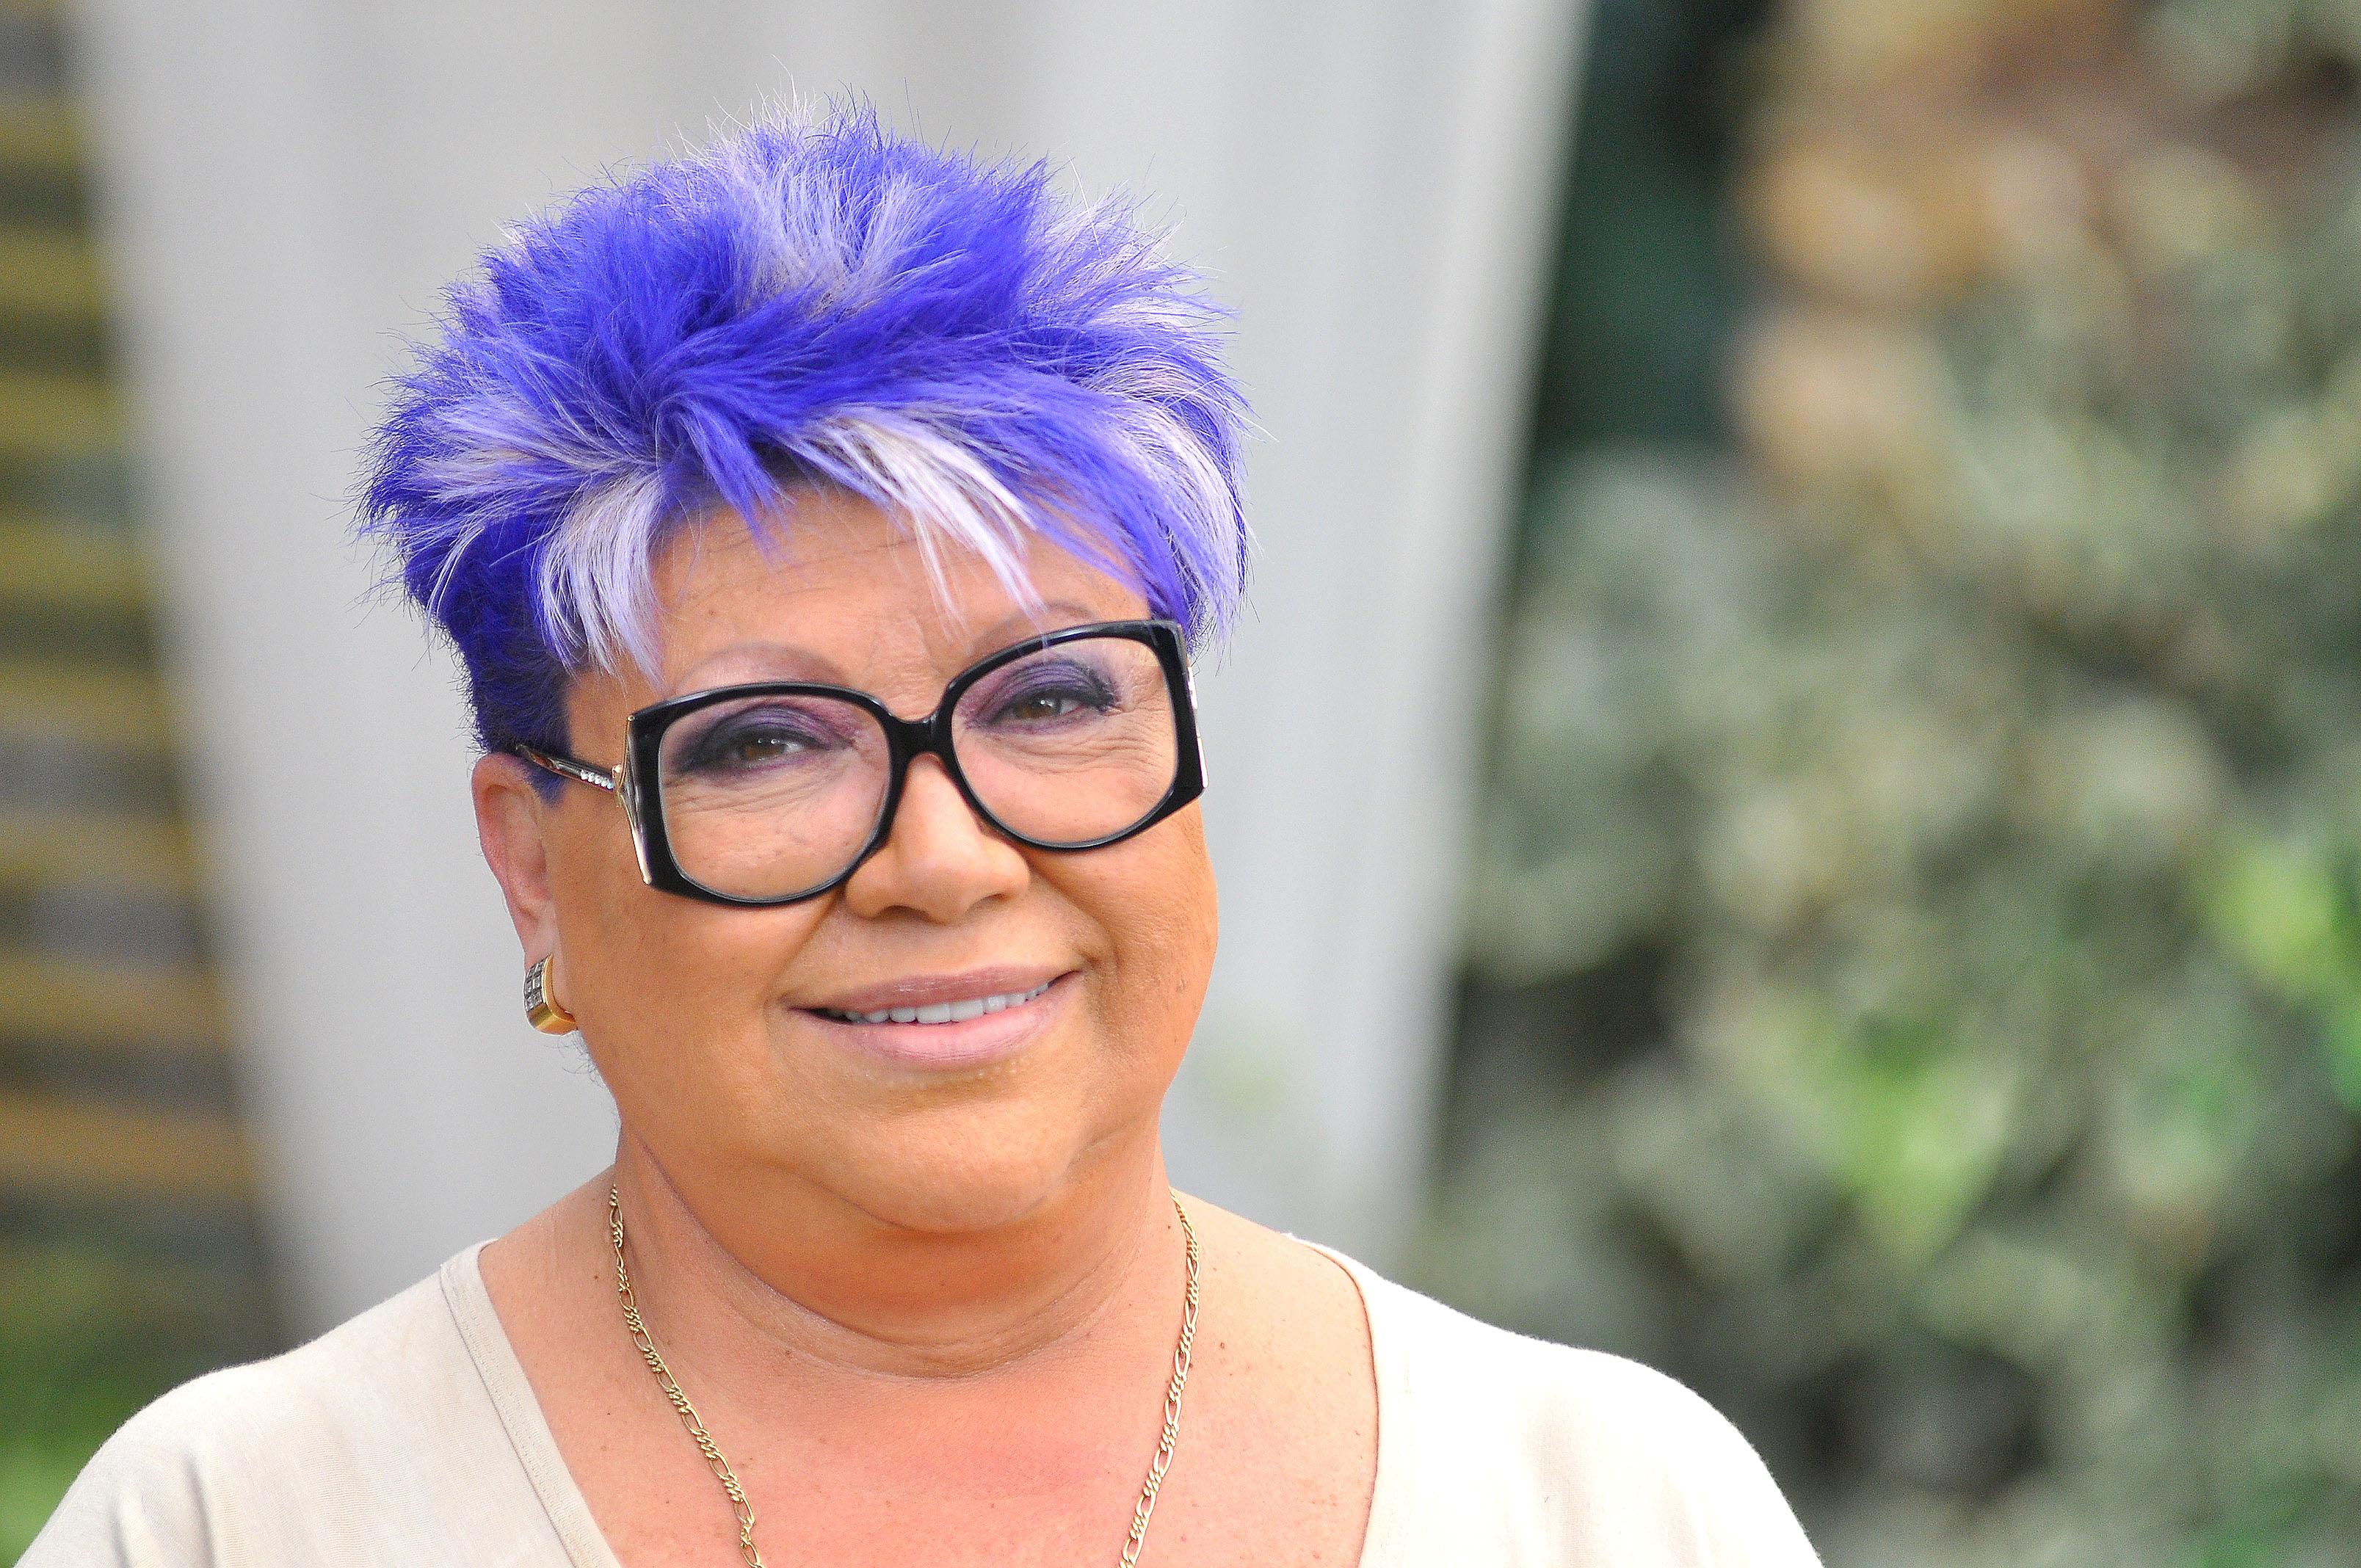 Patricia Maldonado Net Worth